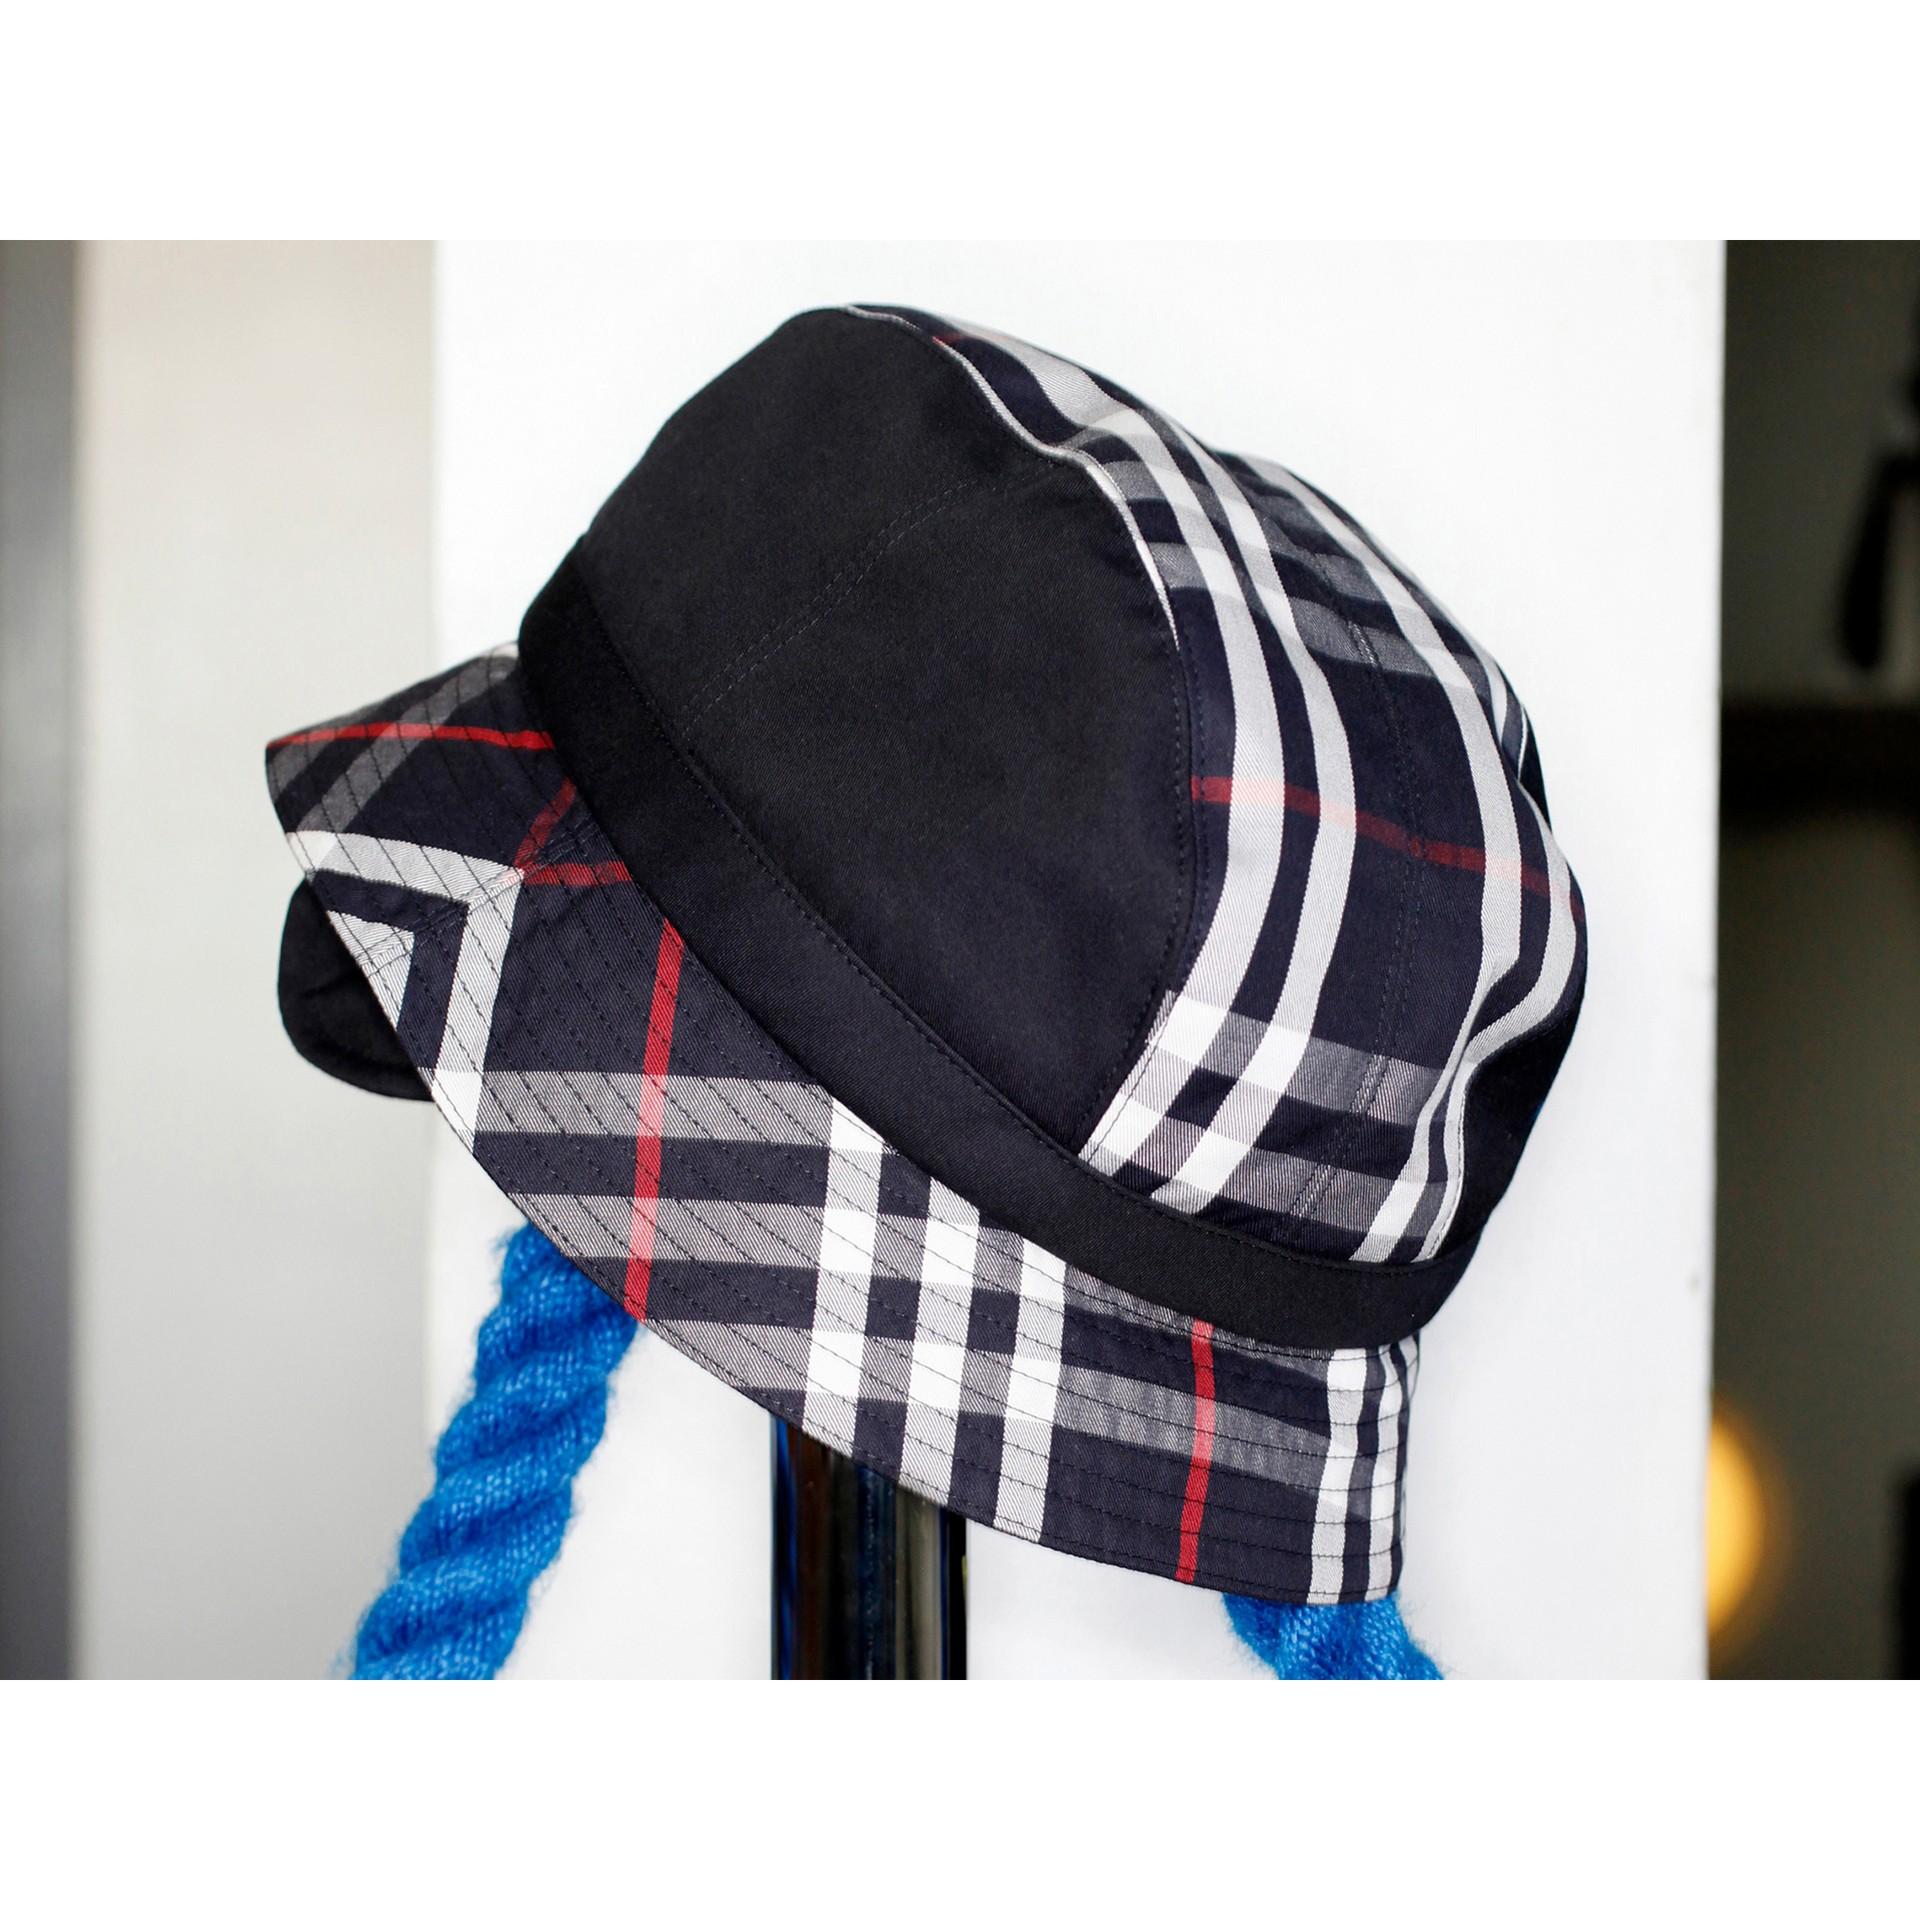 Gosha x Burberry Bucket Hat in Navy | Burberry - gallery image 5